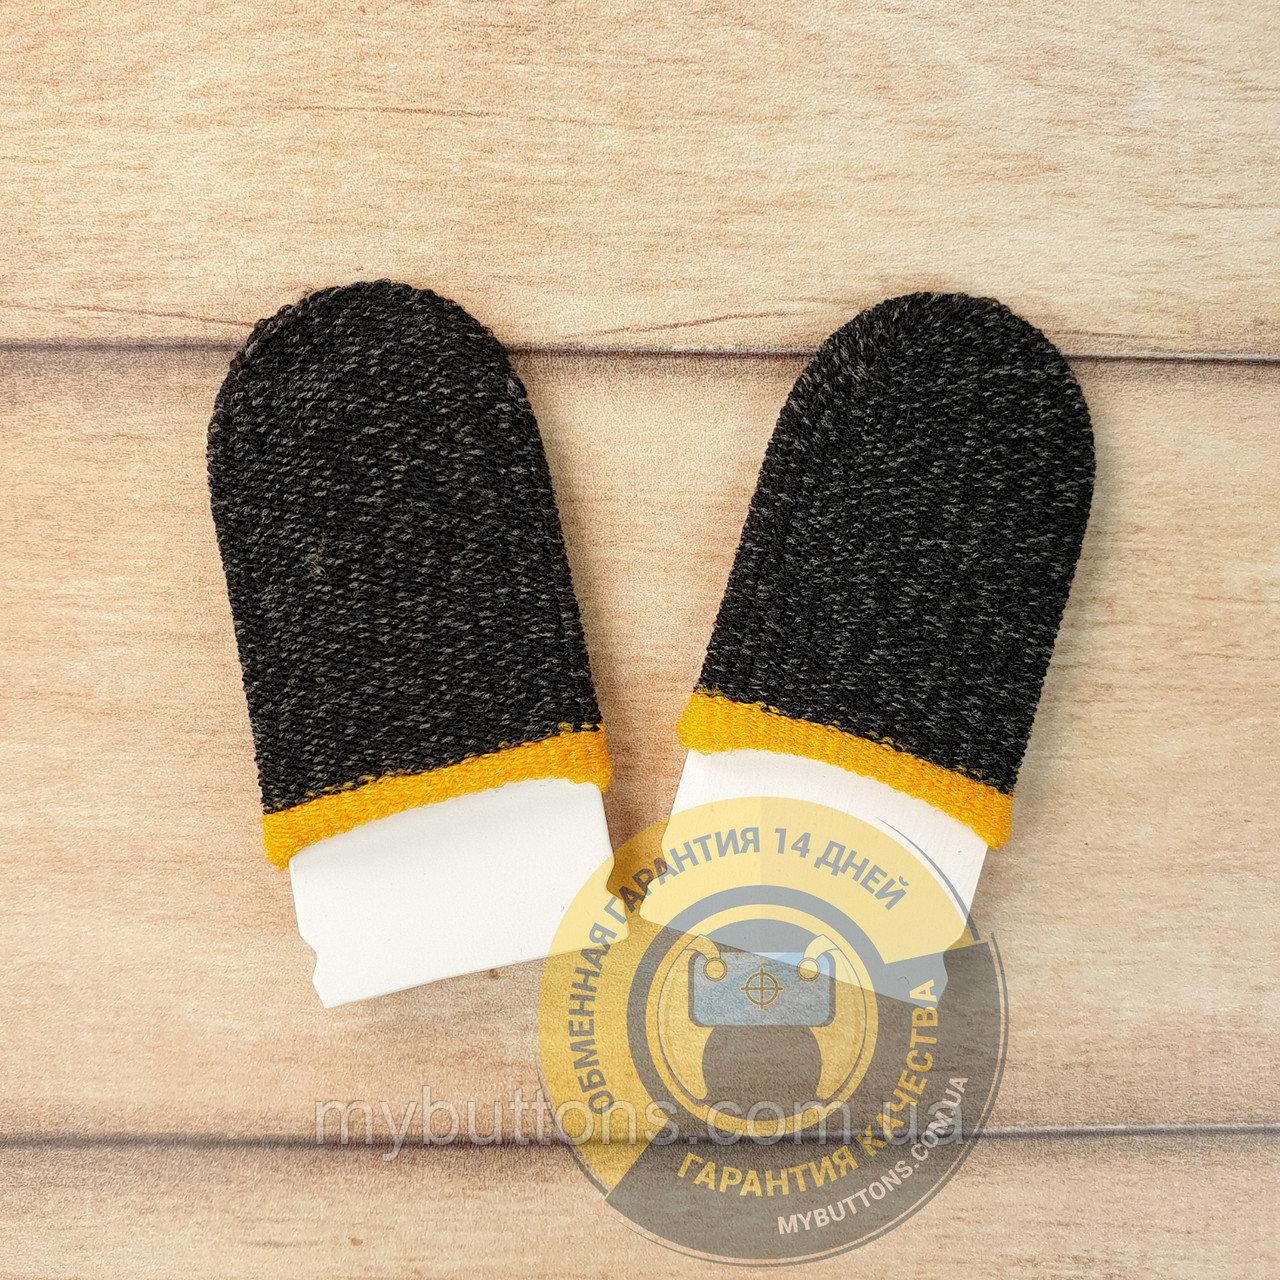 Игровые напальчники короткие Classic Wasp Feelers черные с жёлтым манжетом для игры на телефоне